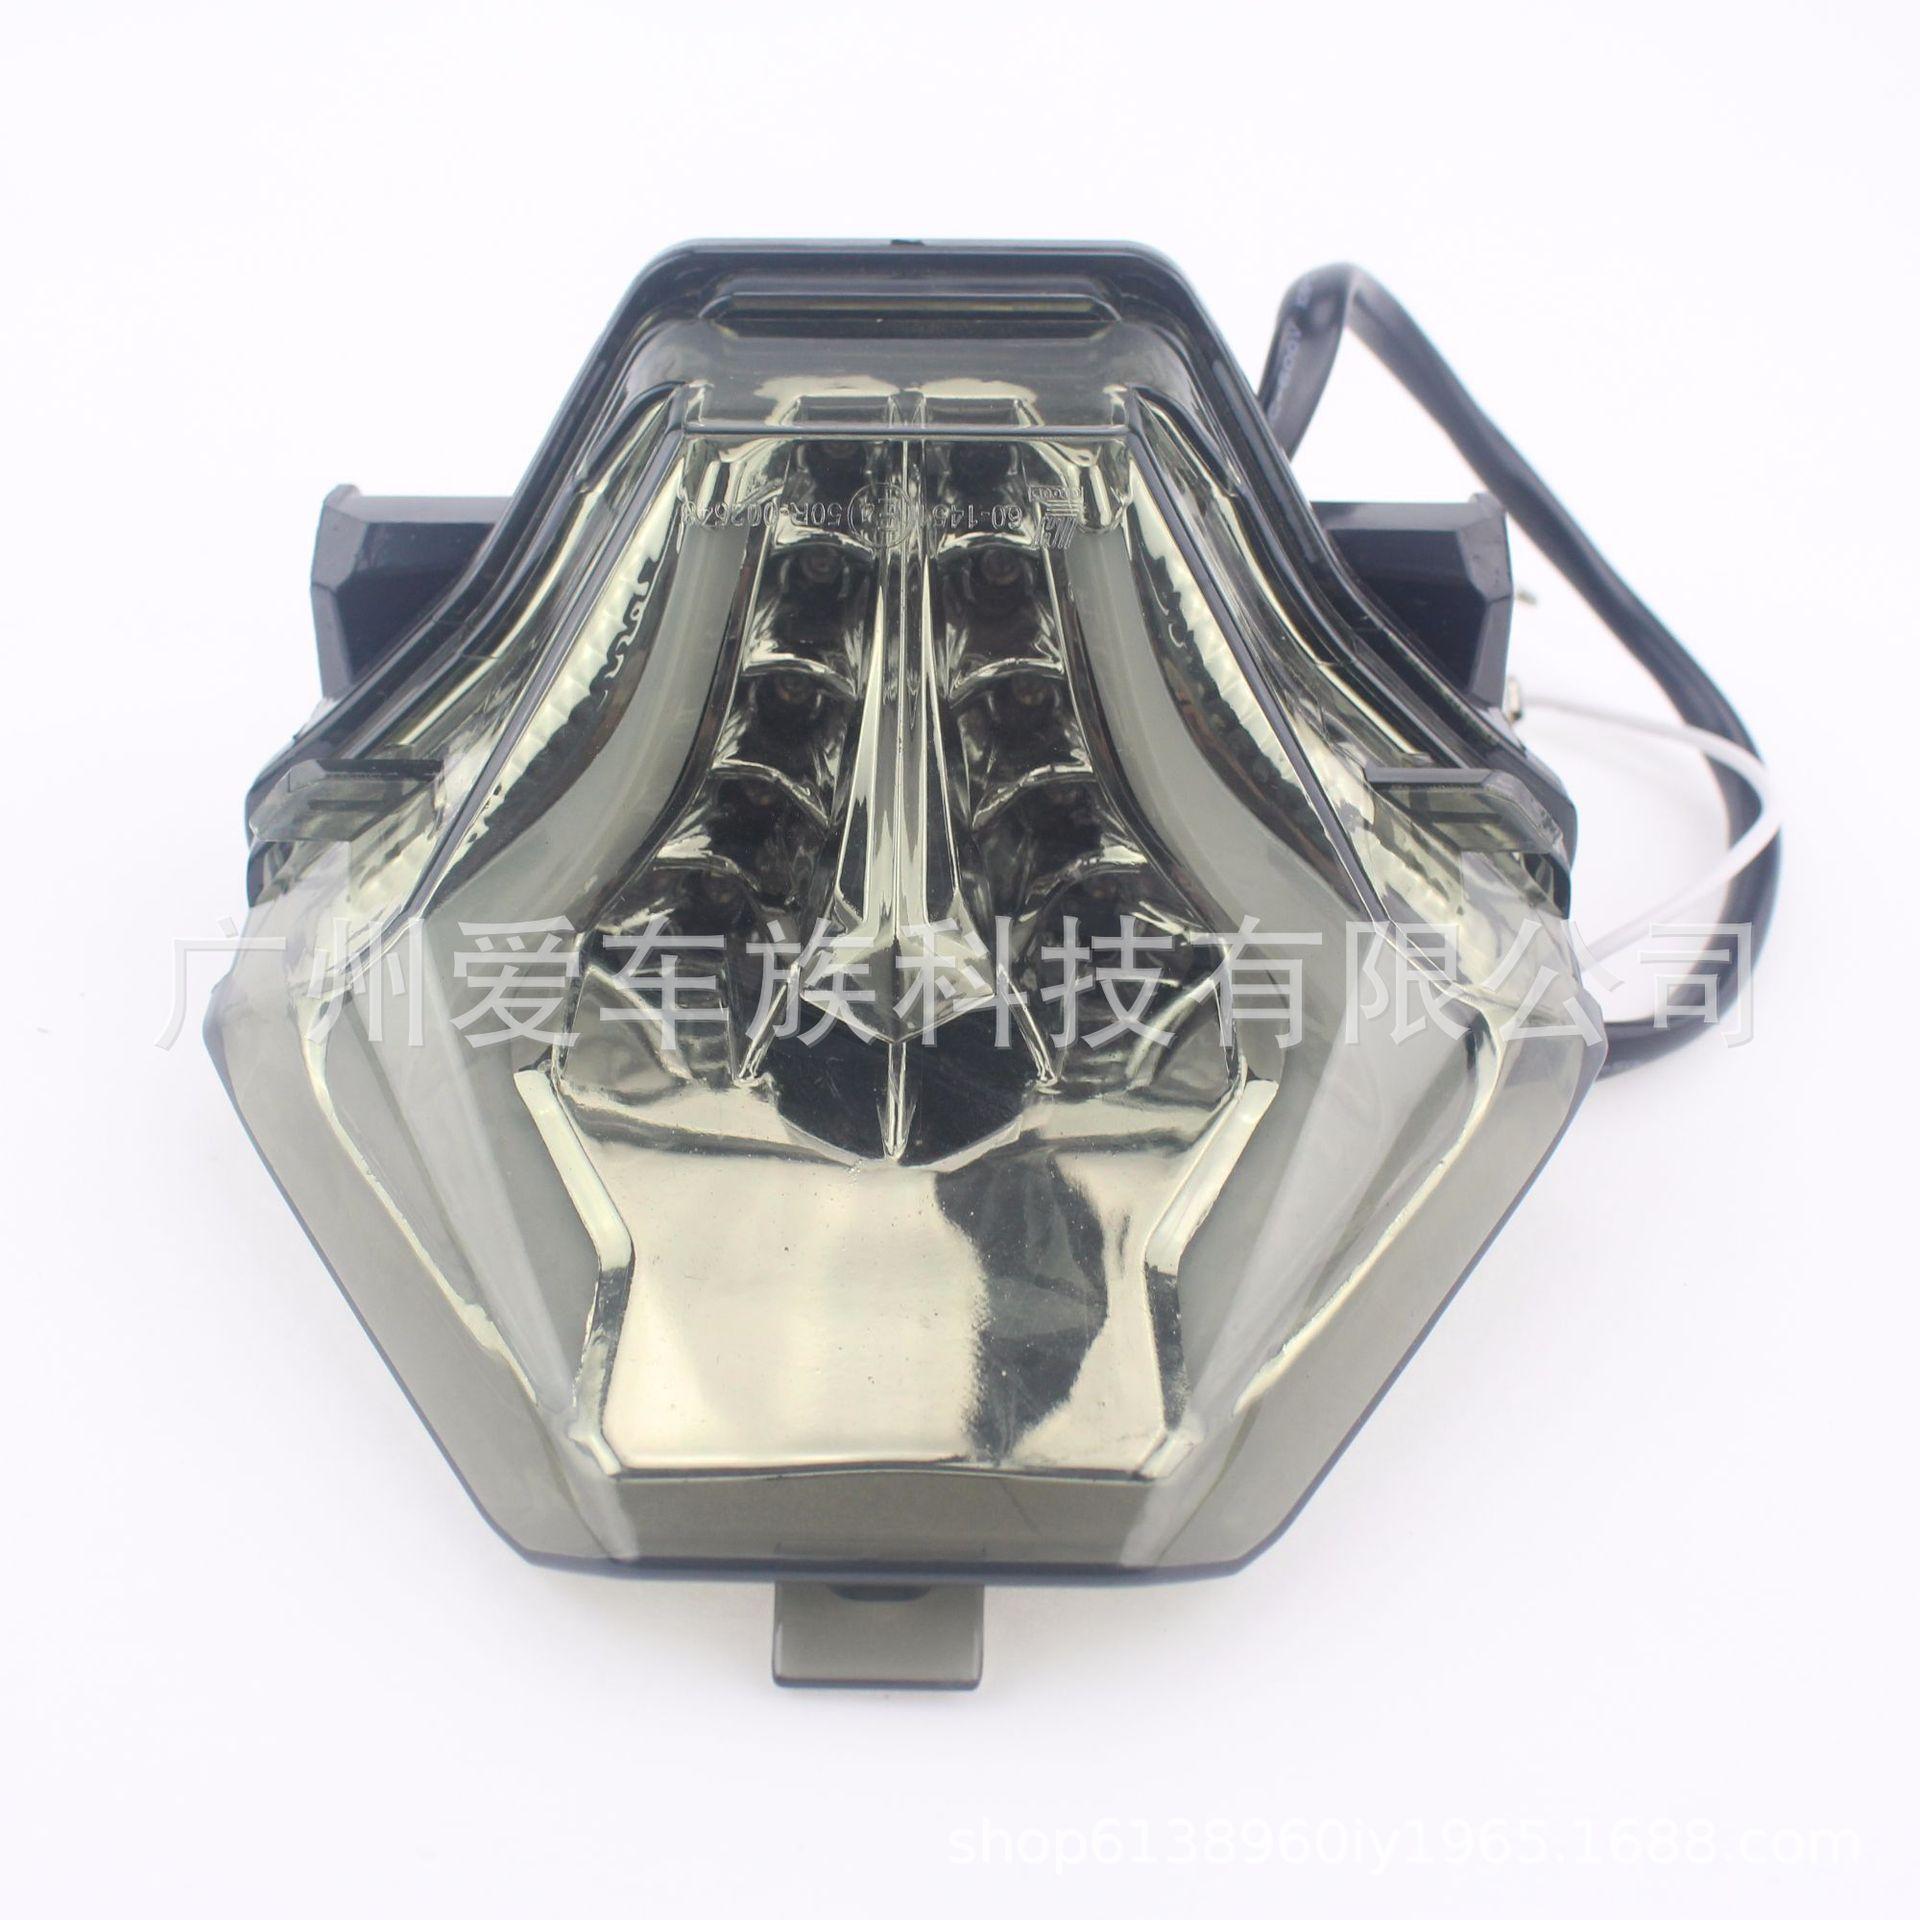 适用于 雅马哈Yamaha R3 R25 13-16后尾灯转向刹车集成尾灯新款